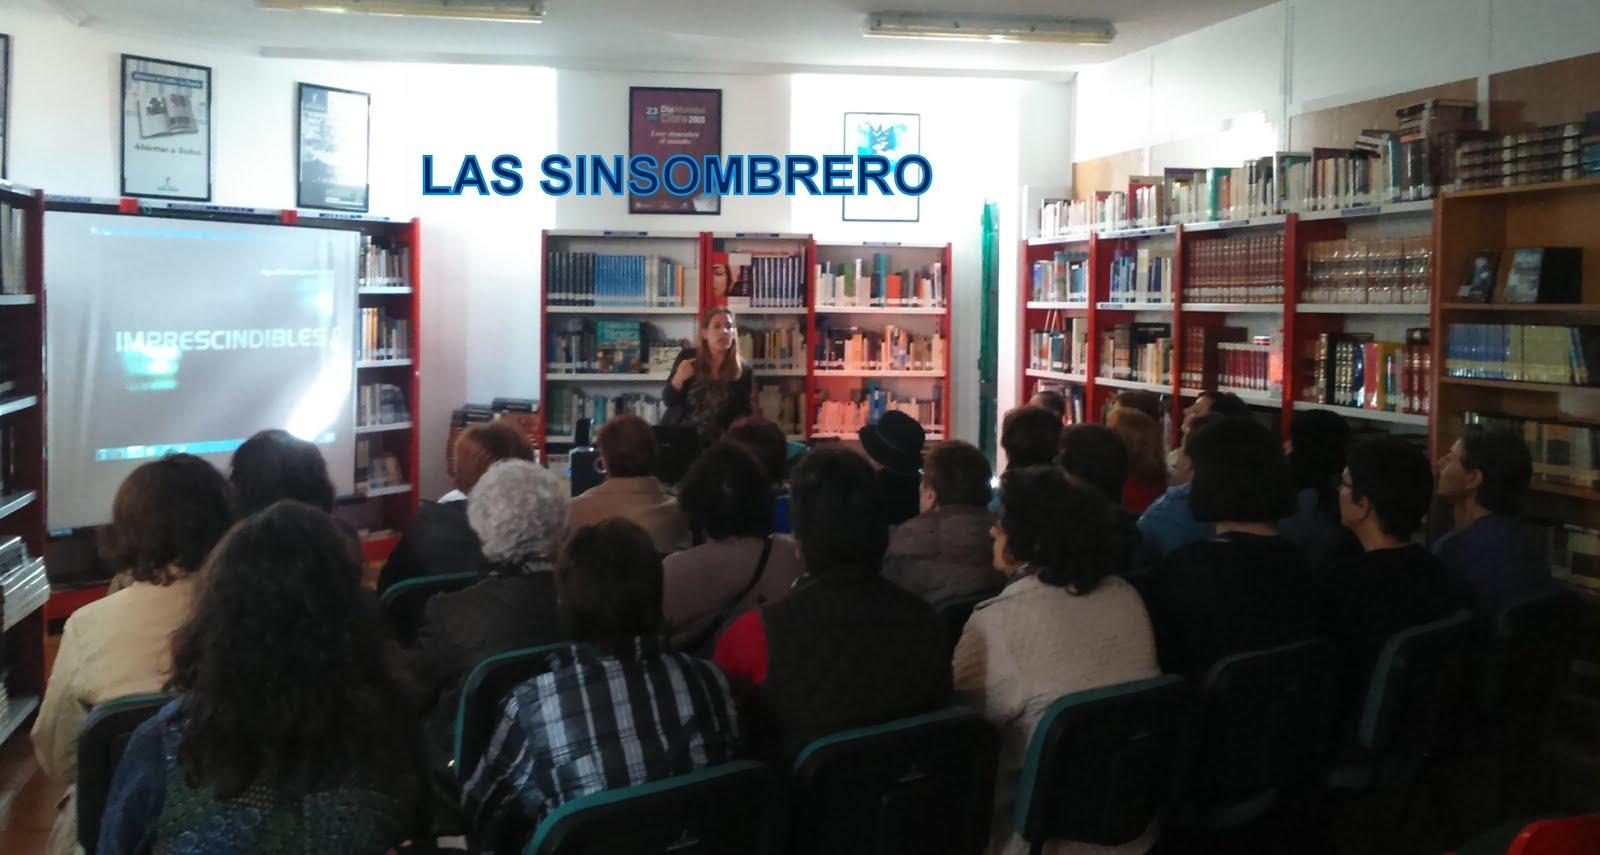 LAS SINSOMBRERO, proyección documental, 13/04/2016